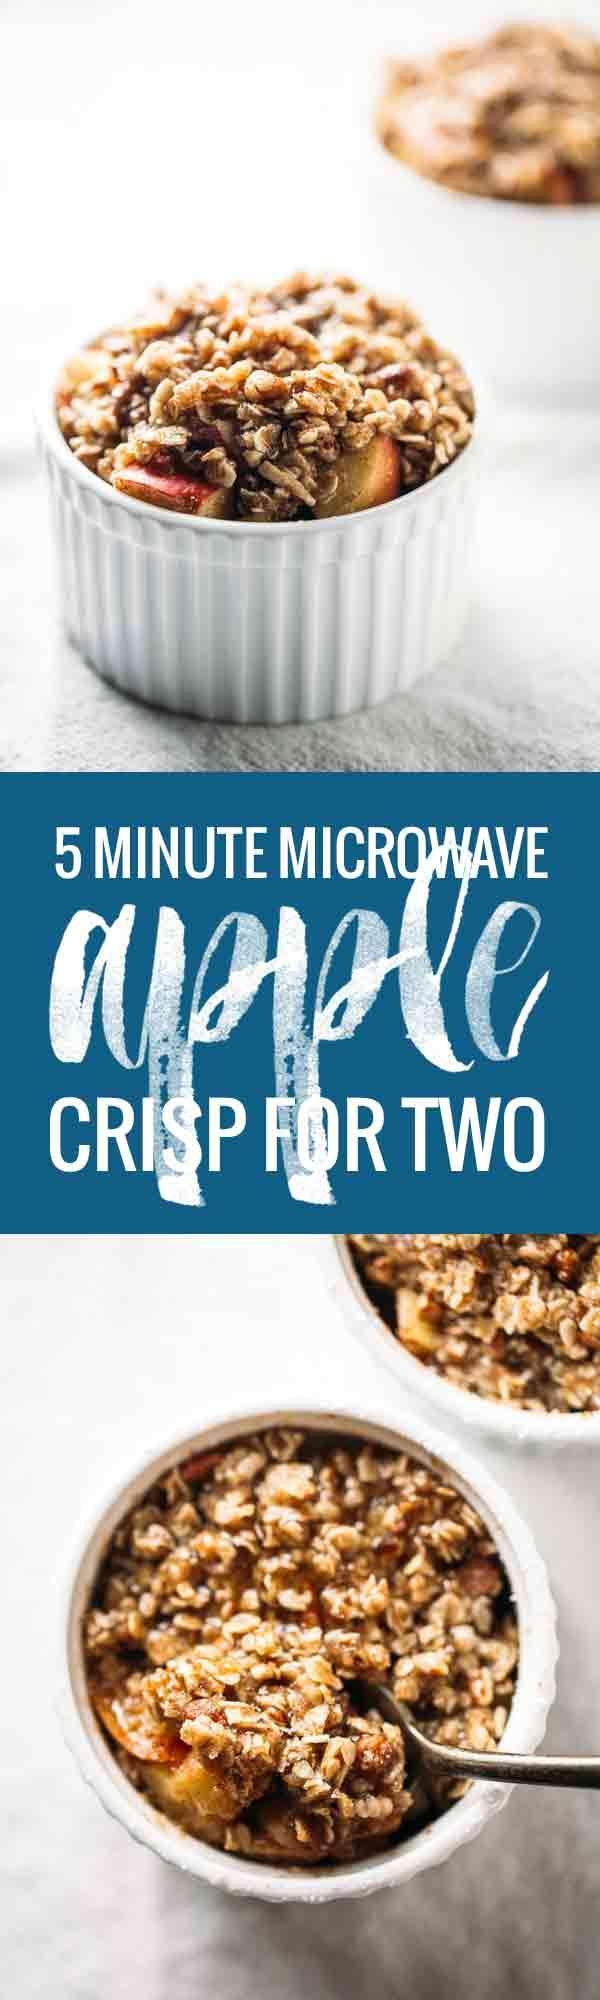 Cinco Minutos sola porción de Apple Nítido - rematado con un delicioso aceite de coco sana, pacana, y crumble de avena.